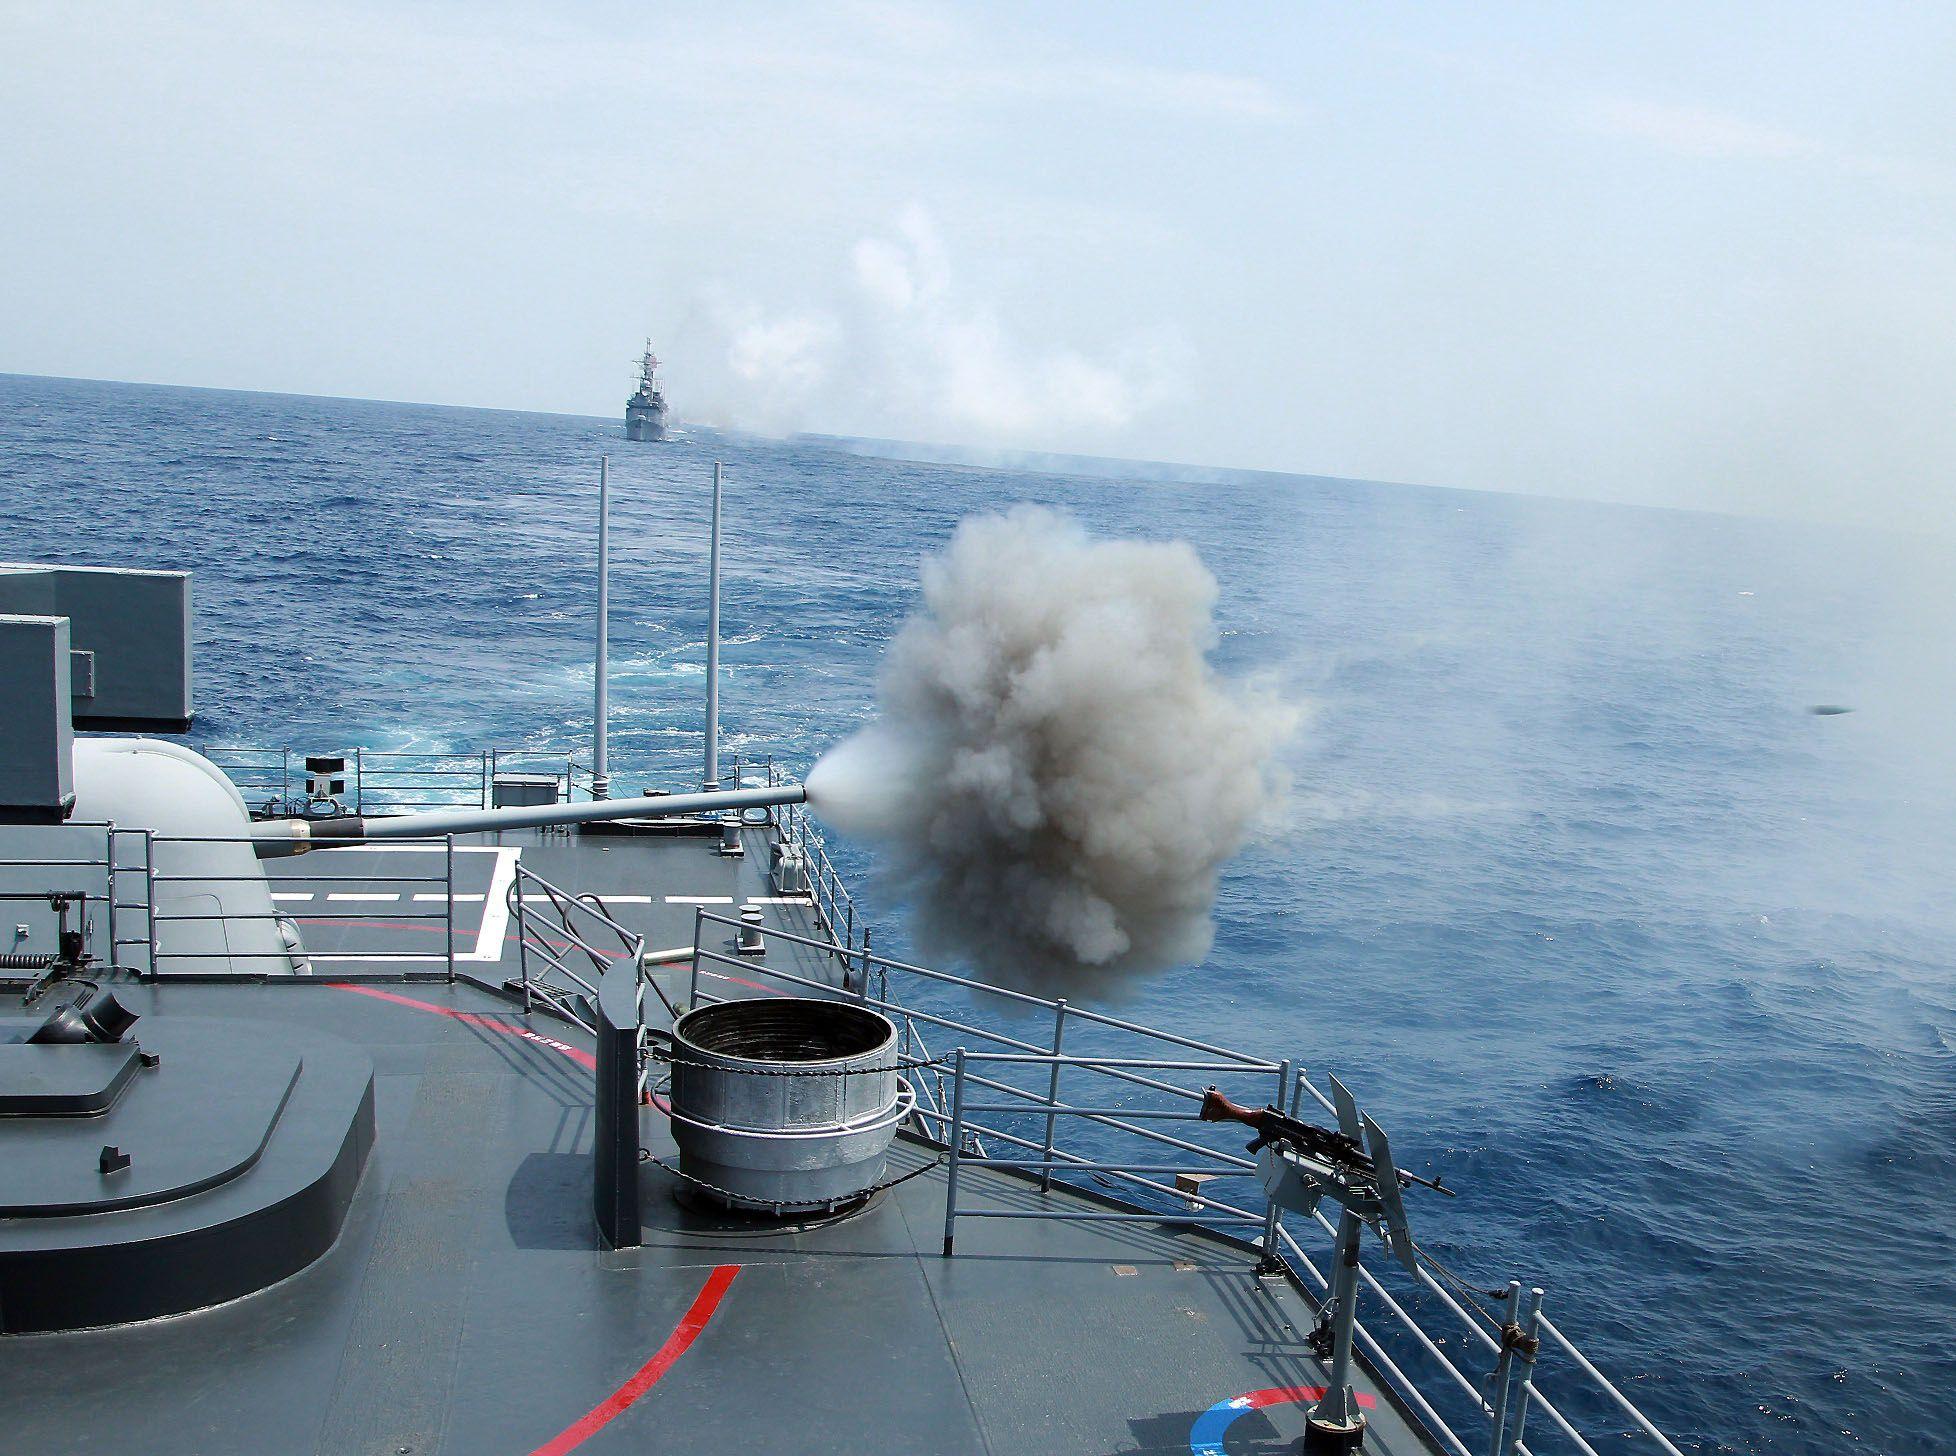 紀德級左營艦實施5吋砲射擊。(圖/記者邱榮吉攝)